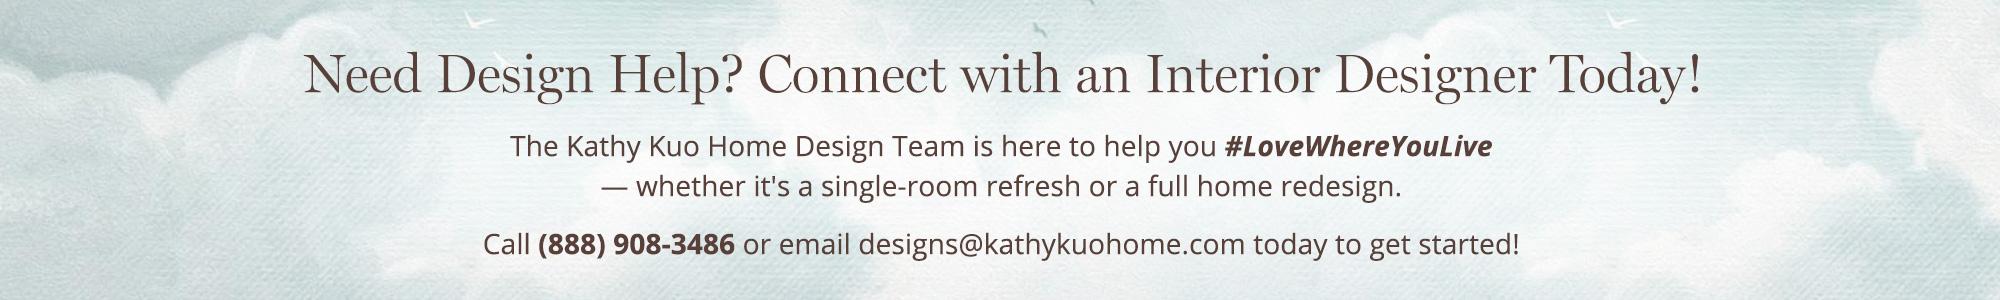 interior design banner